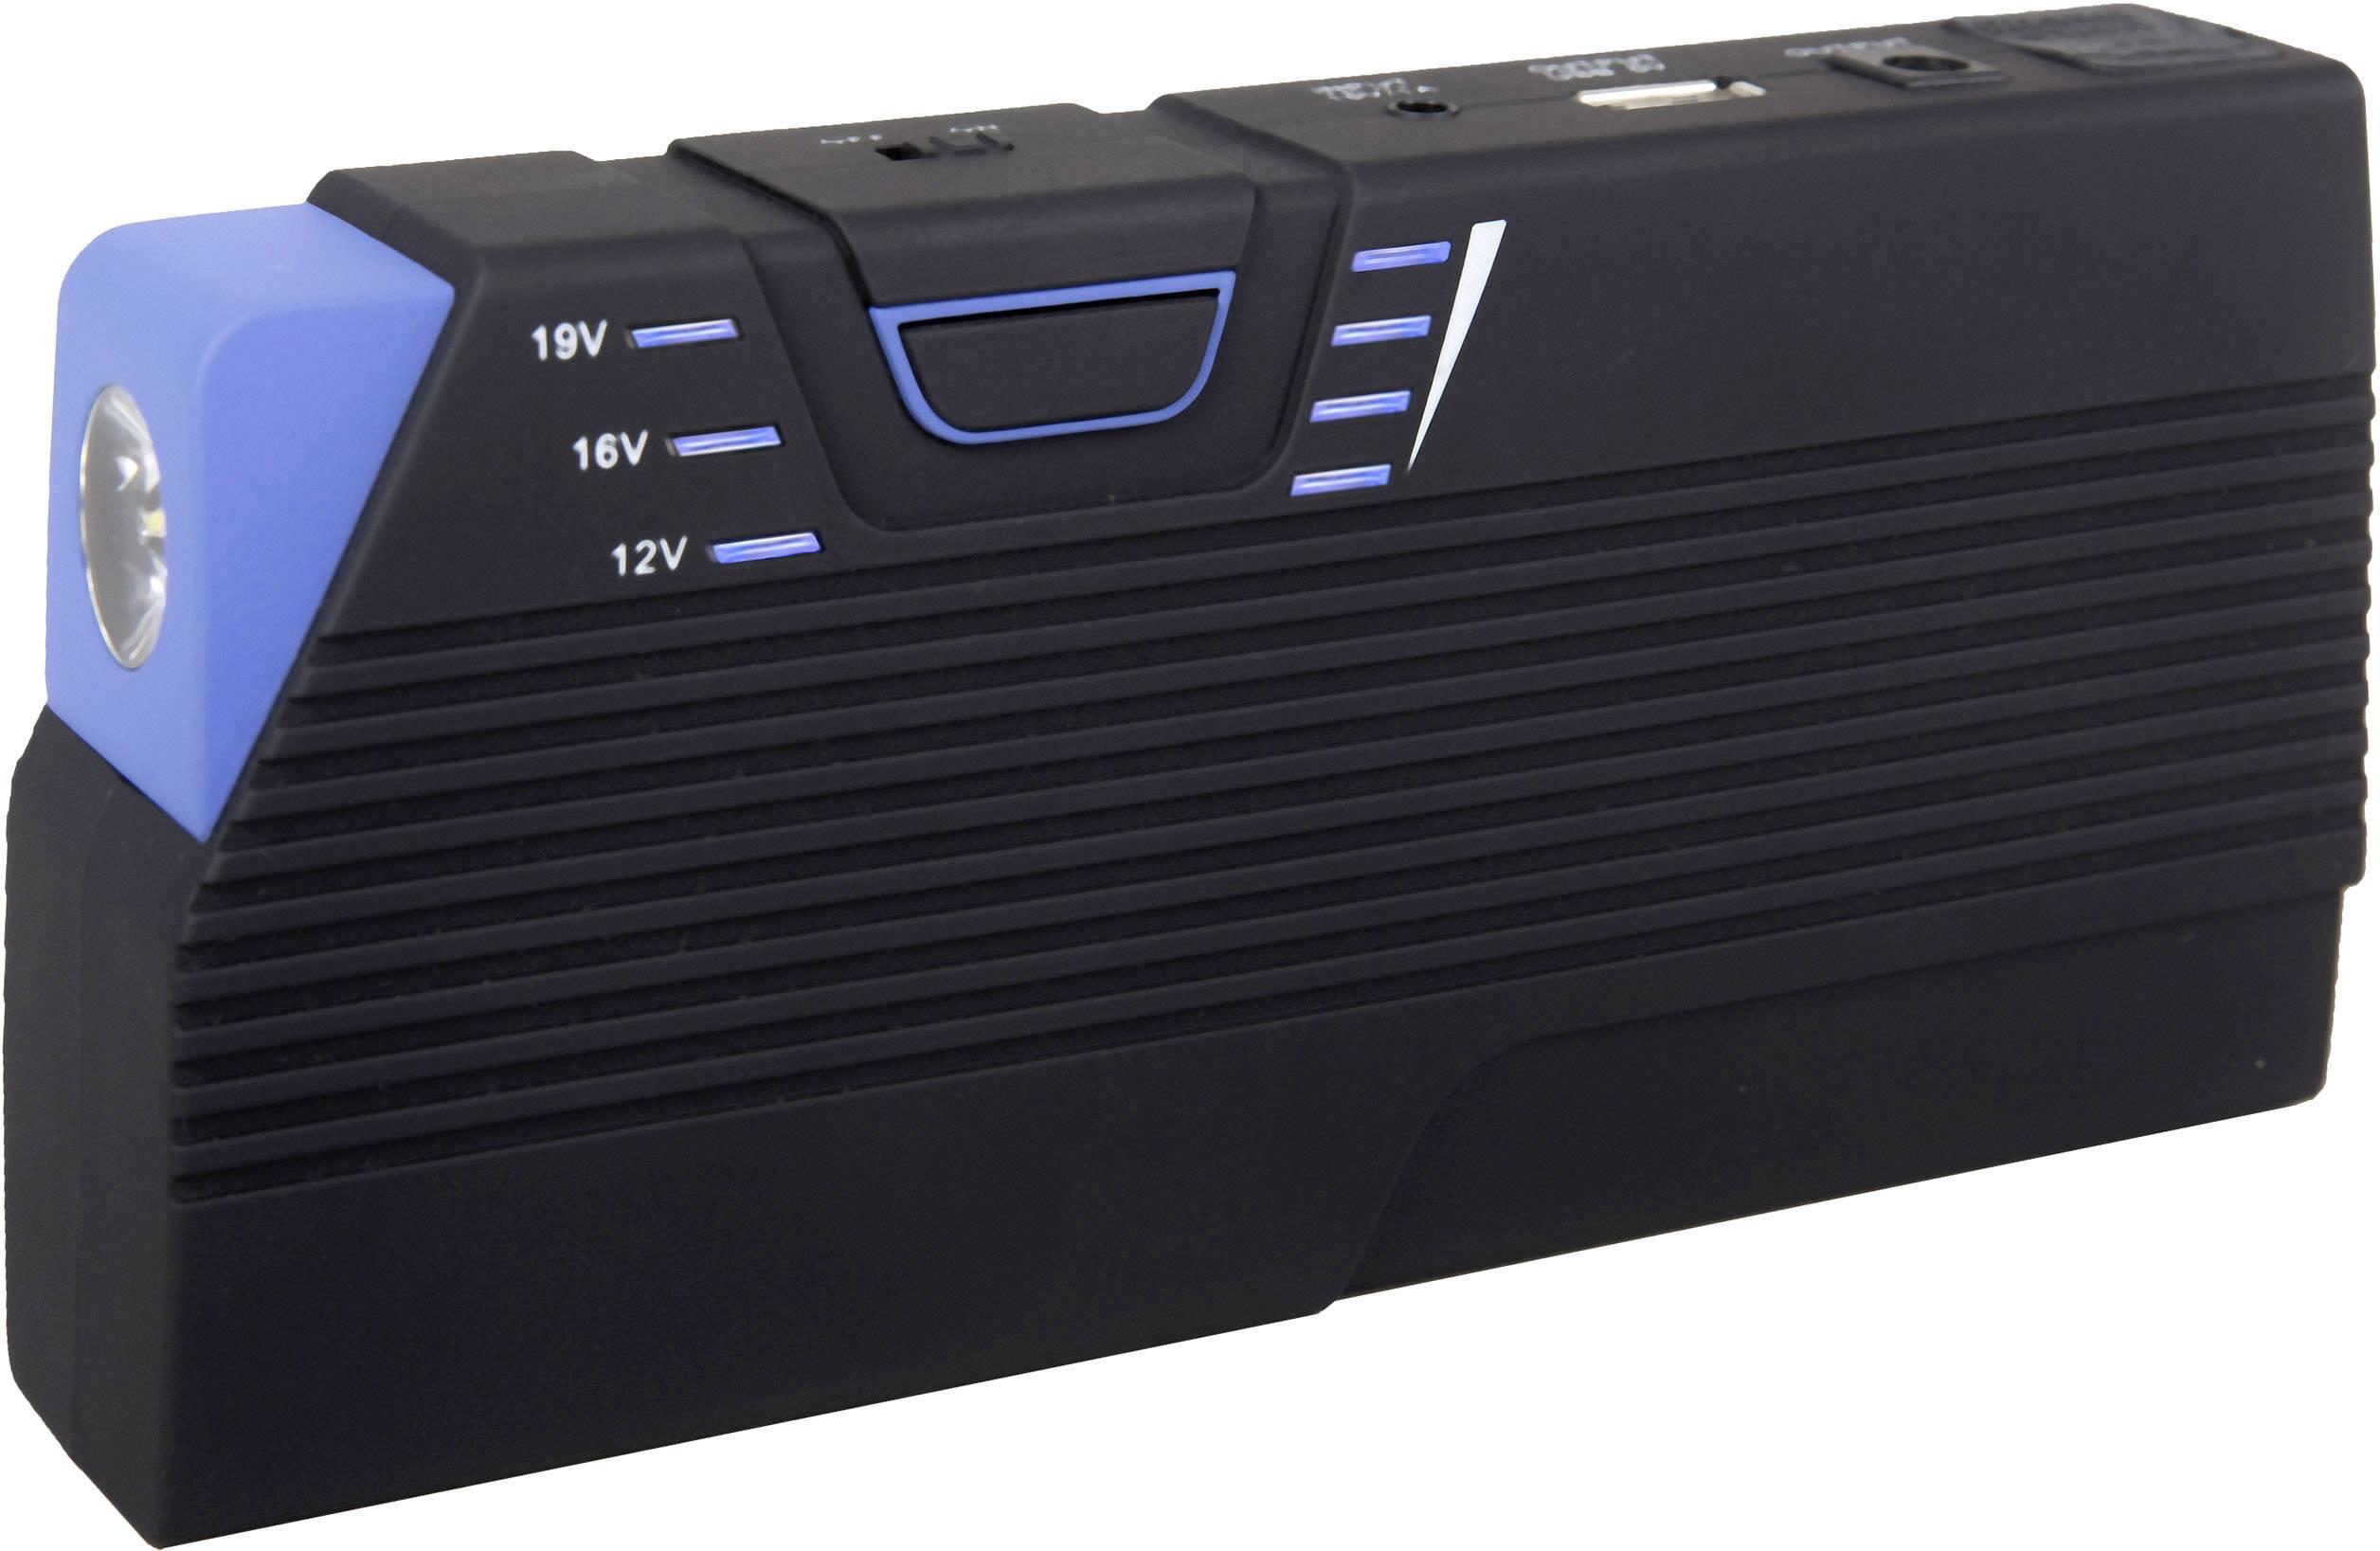 Systém na rýchle štartovanie auta HP Autozubehör Mini Powerpack 20894, s USB